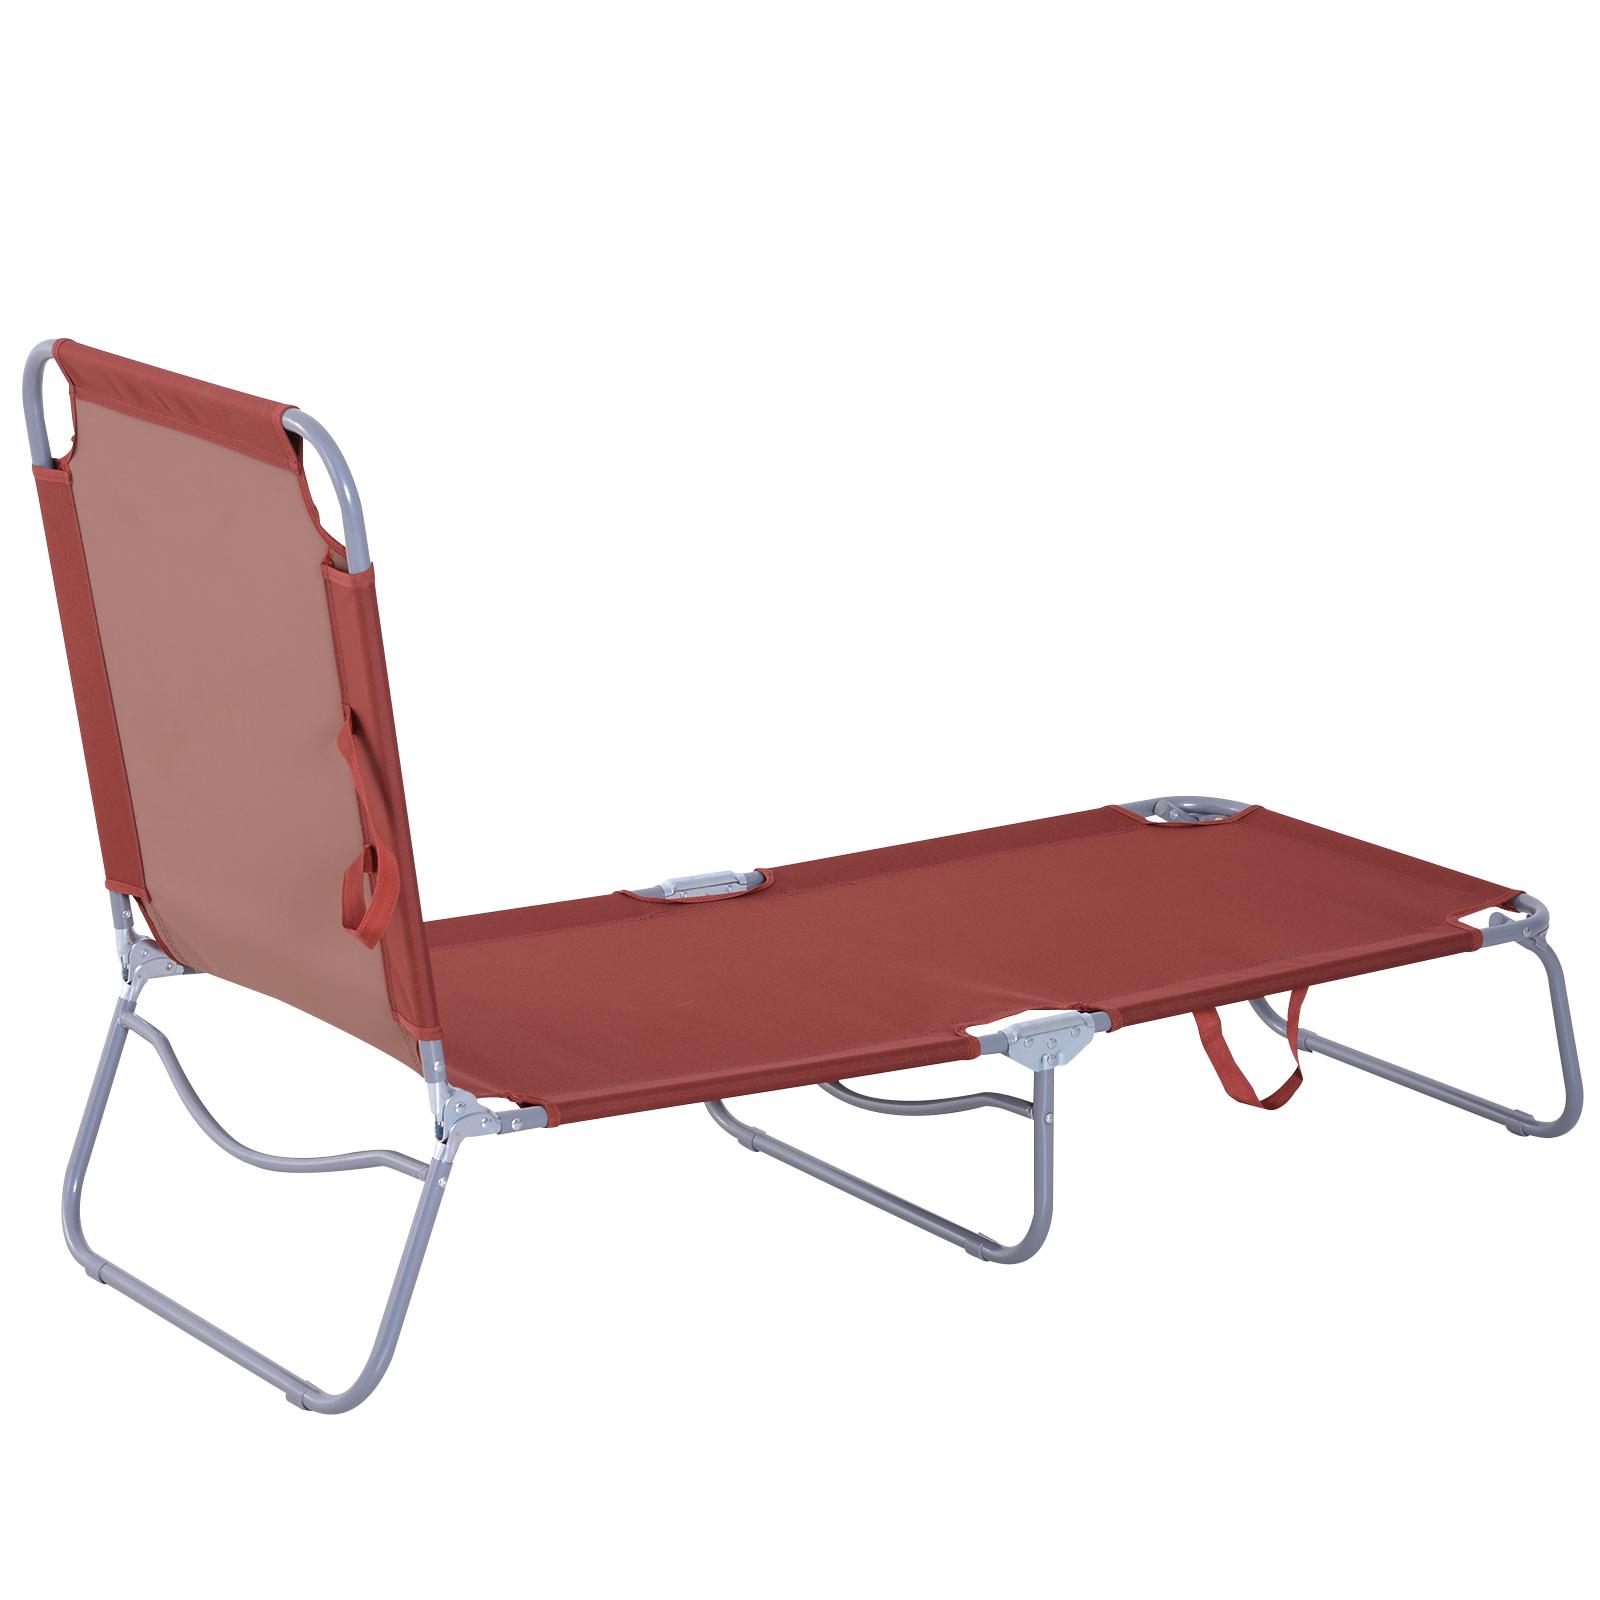 chaise longue pliante bain de soleil pliable 180x55x24cm. Black Bedroom Furniture Sets. Home Design Ideas